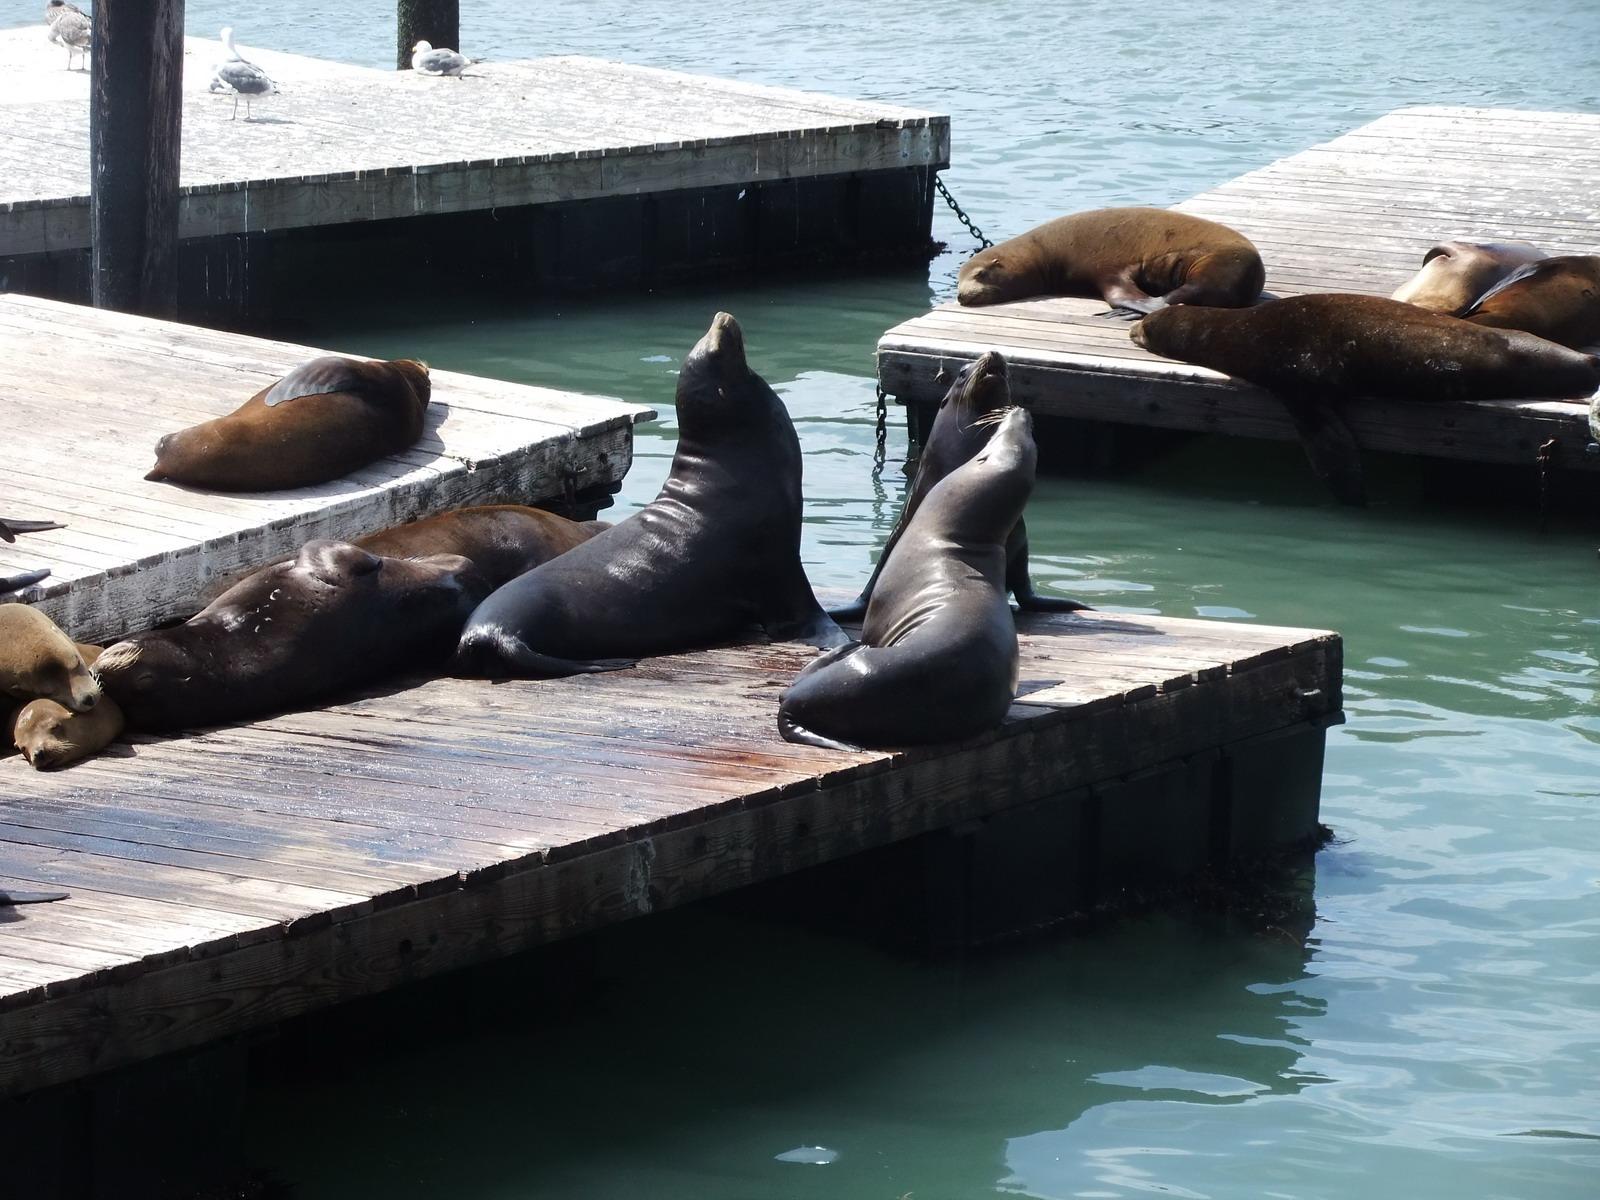 США, Сан-Франциско, набережная, пирс 39, морские львы